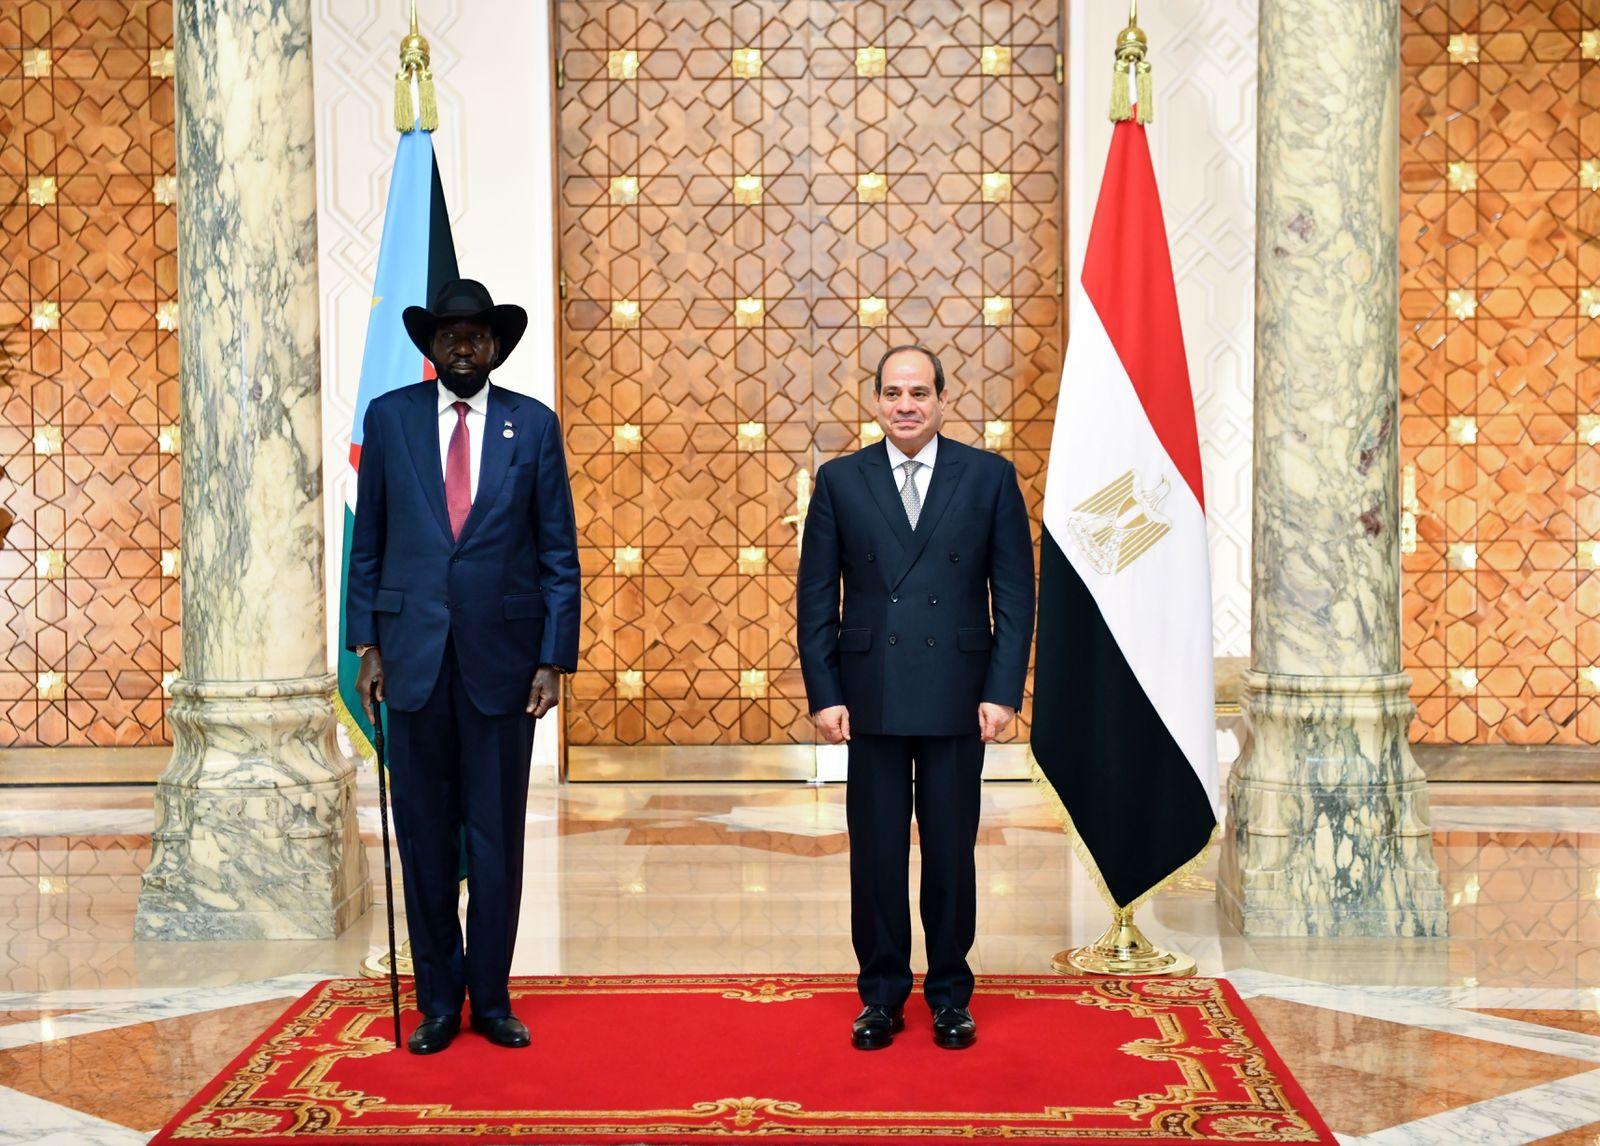 الرئيس السيسى يستقبل نظيره رئيس جنوب السودان  (1)